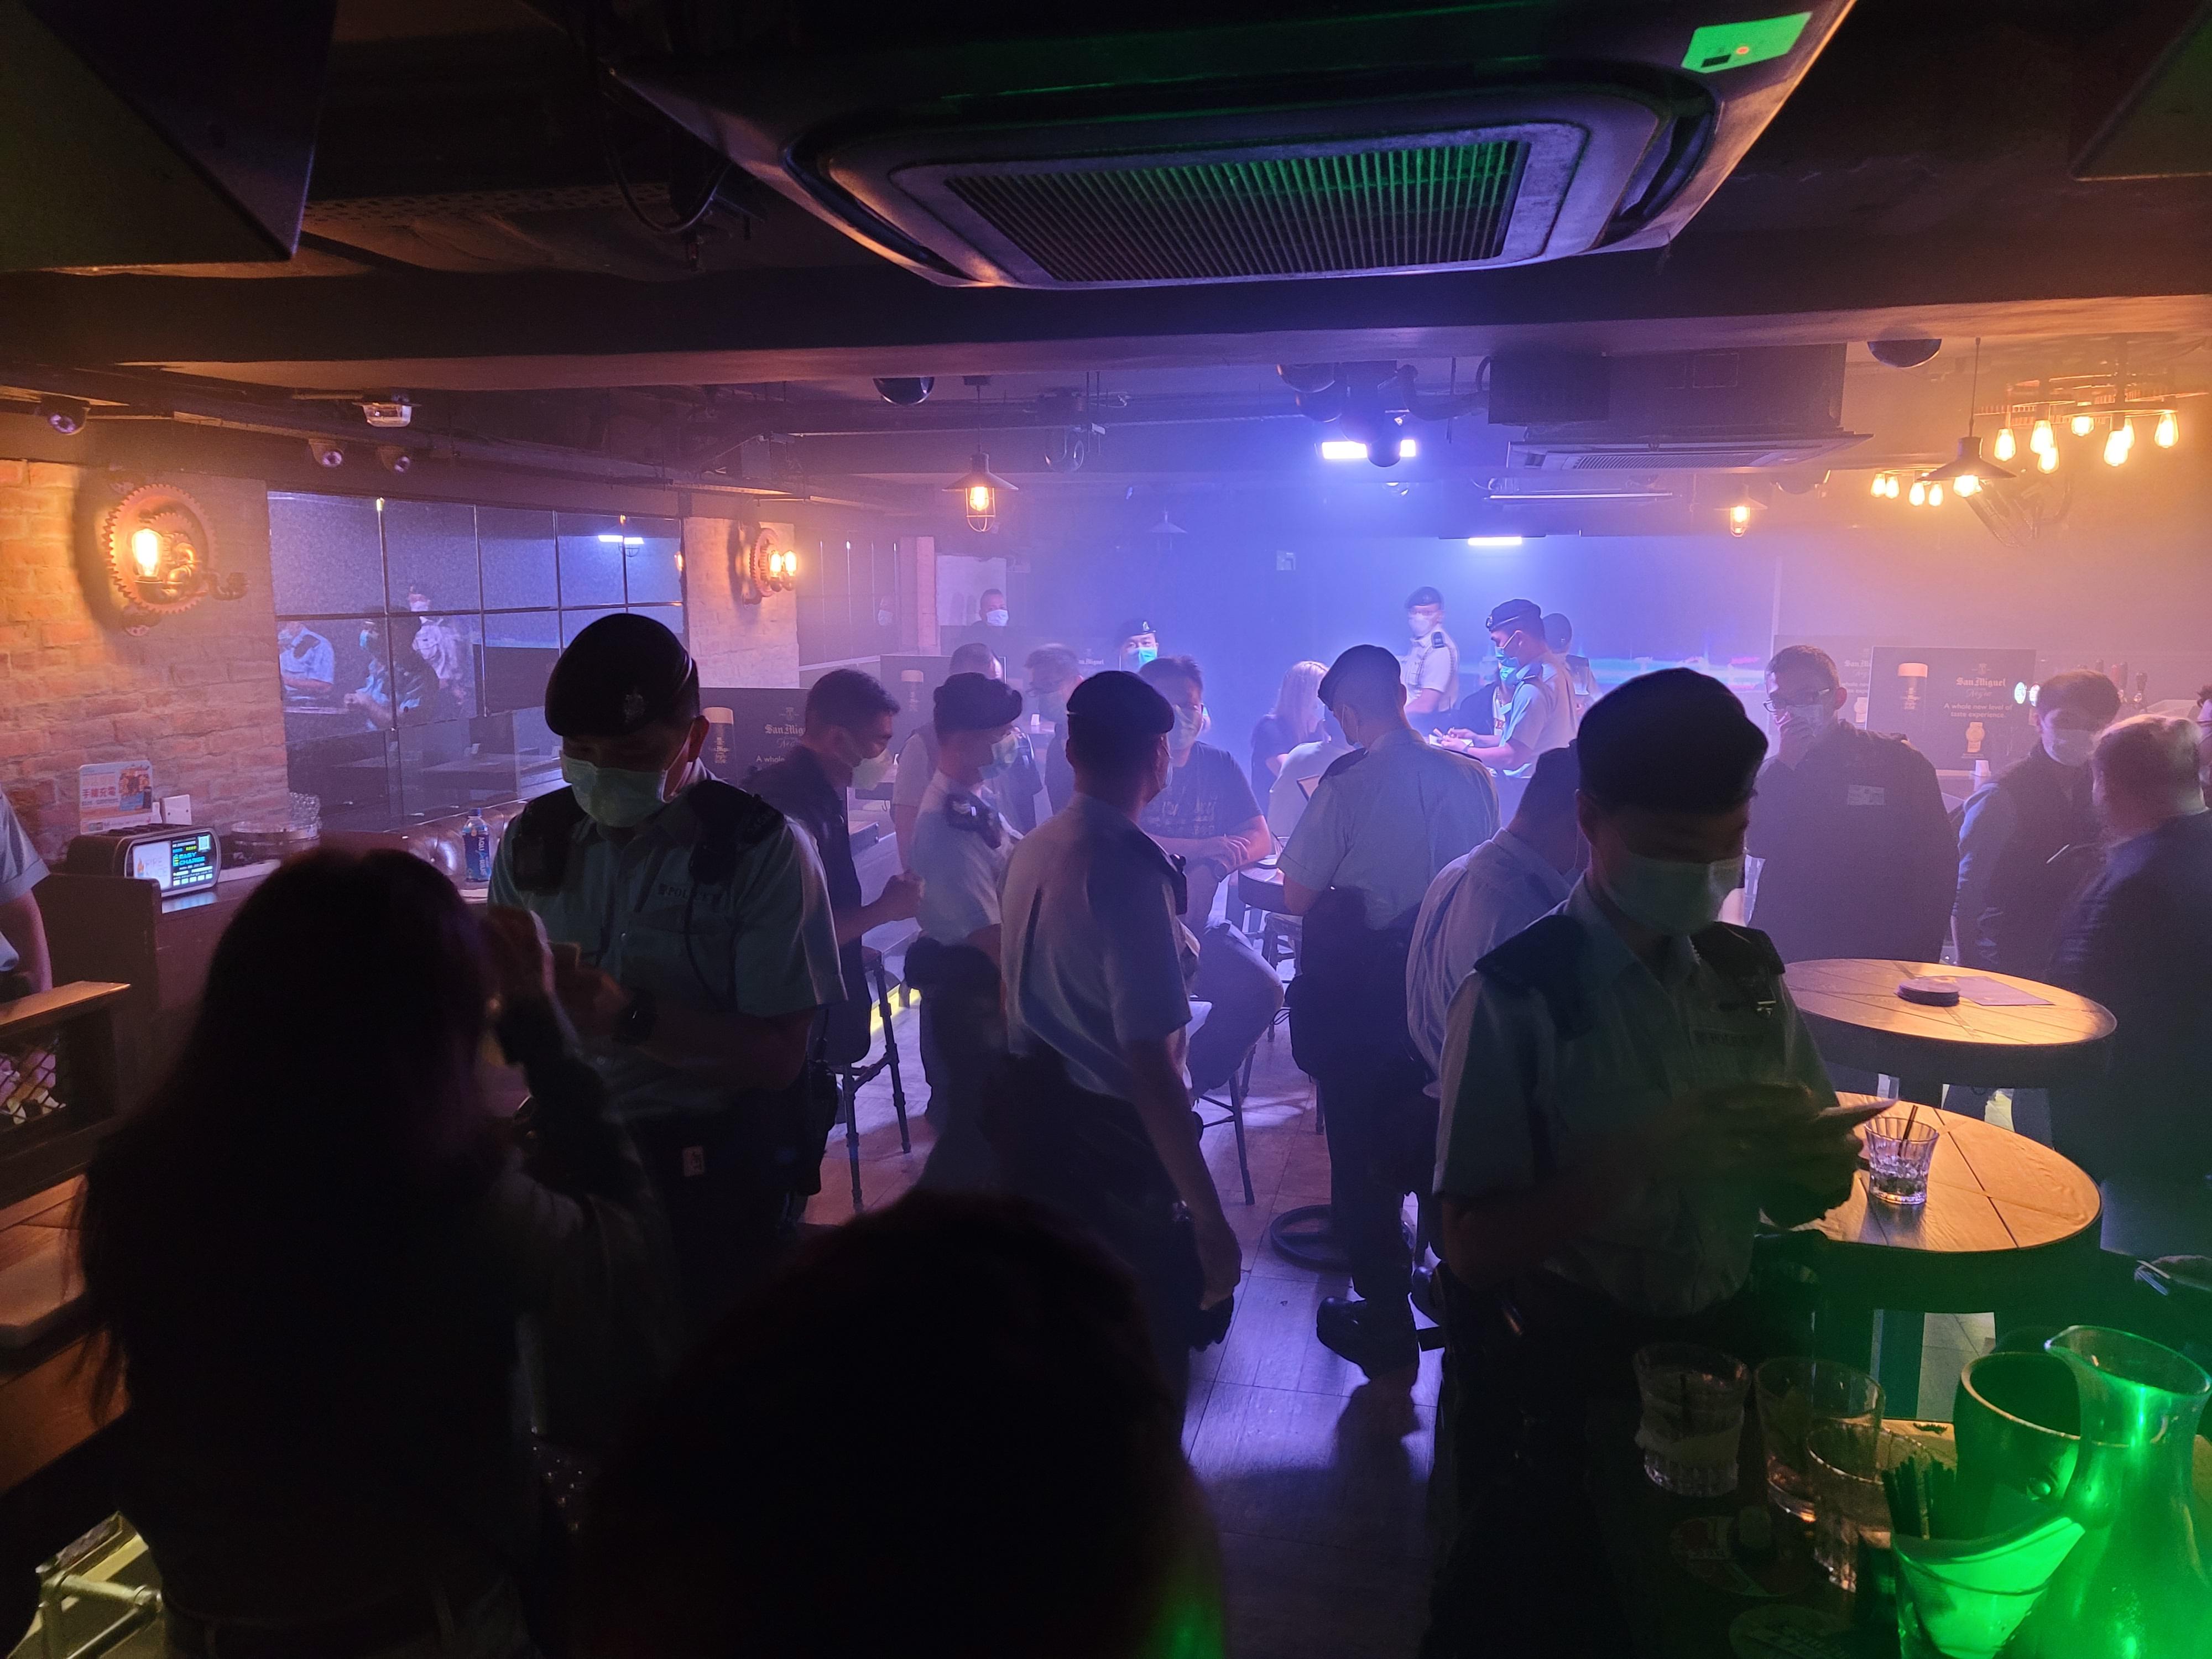 警員在酒吧檢查及作登記。(點新聞記者何燊亮攝)